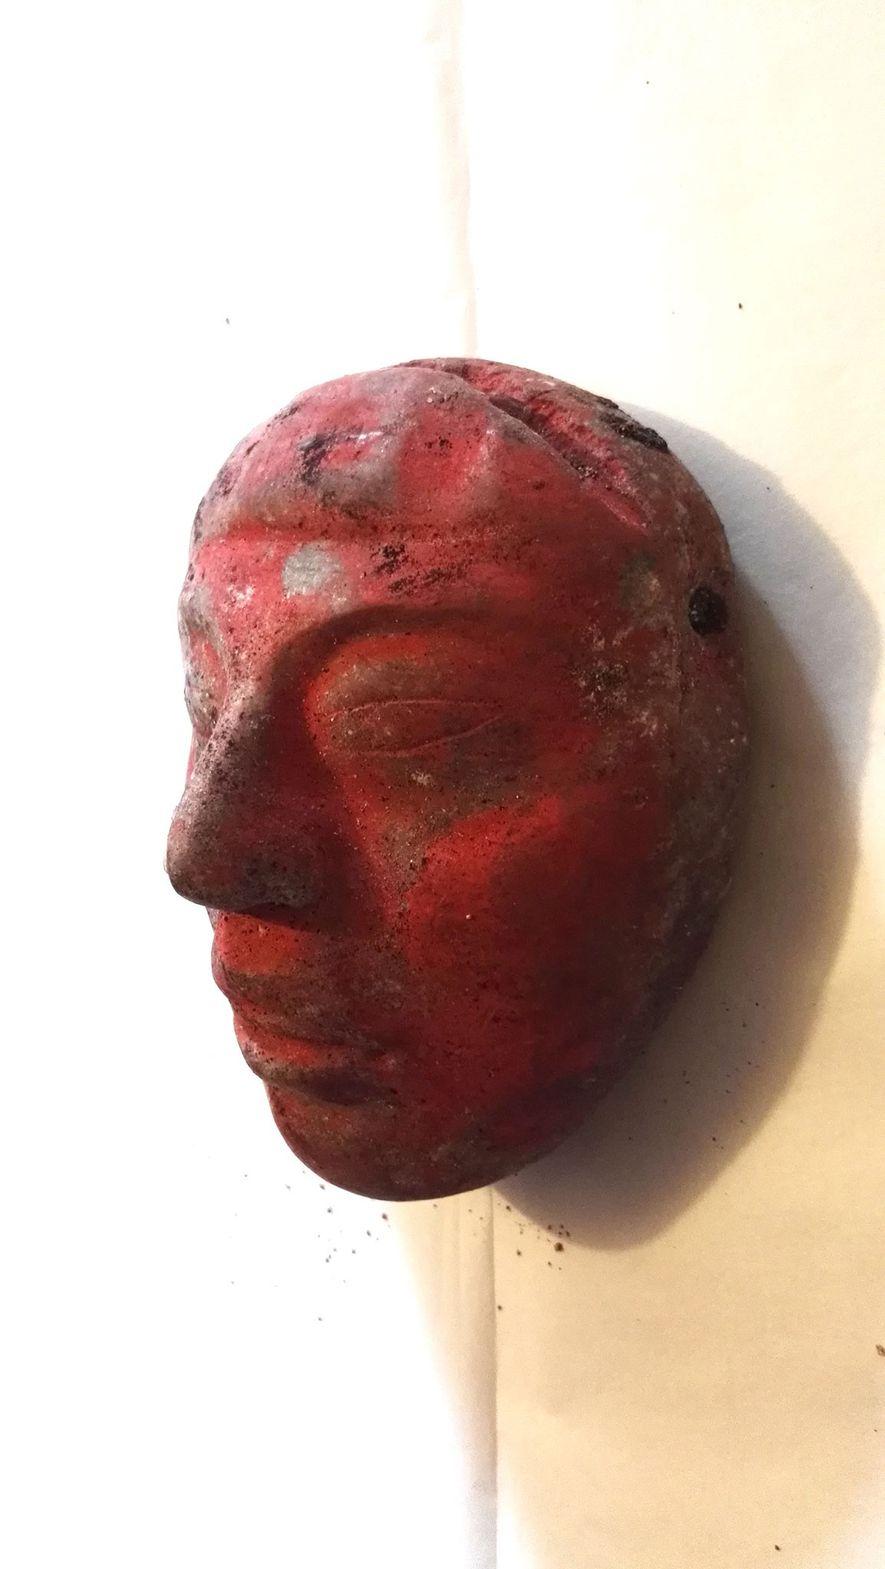 Während der Ausgrabungen wurde eine Jademaske gefunden, die mit rotem Zinnober bemalt worden war. Auf der Oberseite ist ein Symbol zu erkennen, das eine Verbindung zur Maisgottheit Hun Nal Yeh andeutet.